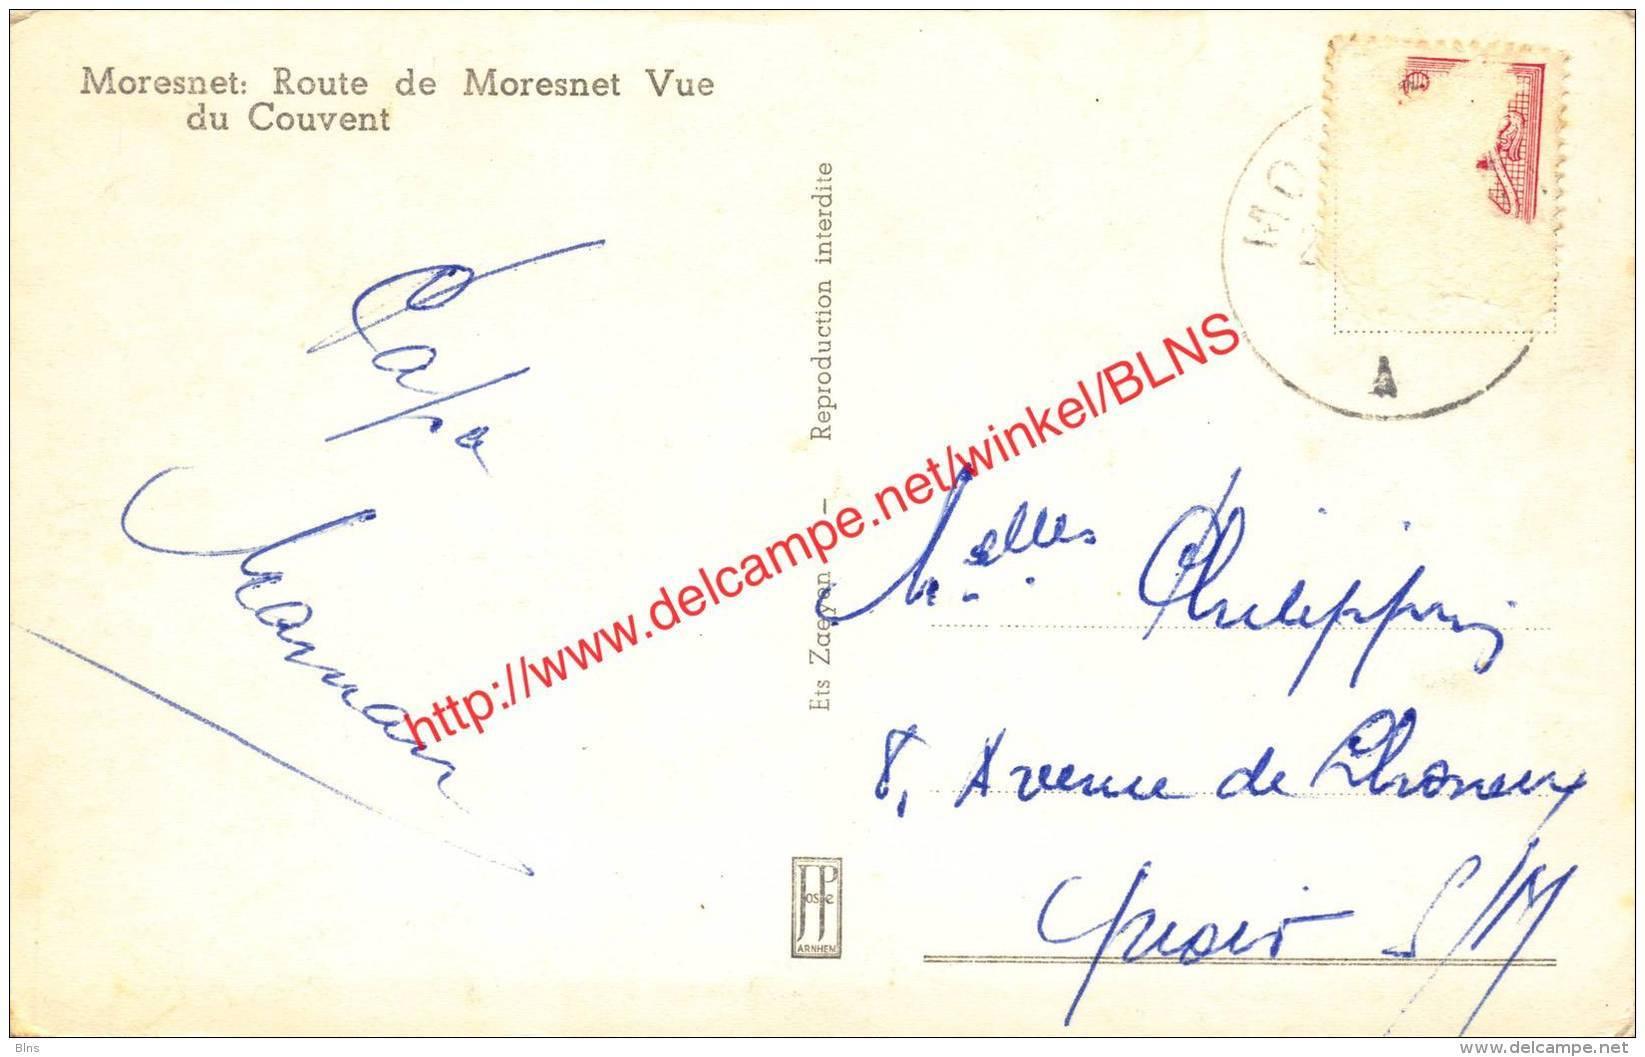 Route De Moresnet - Vue Du Couvent - Moresnet - Plombières